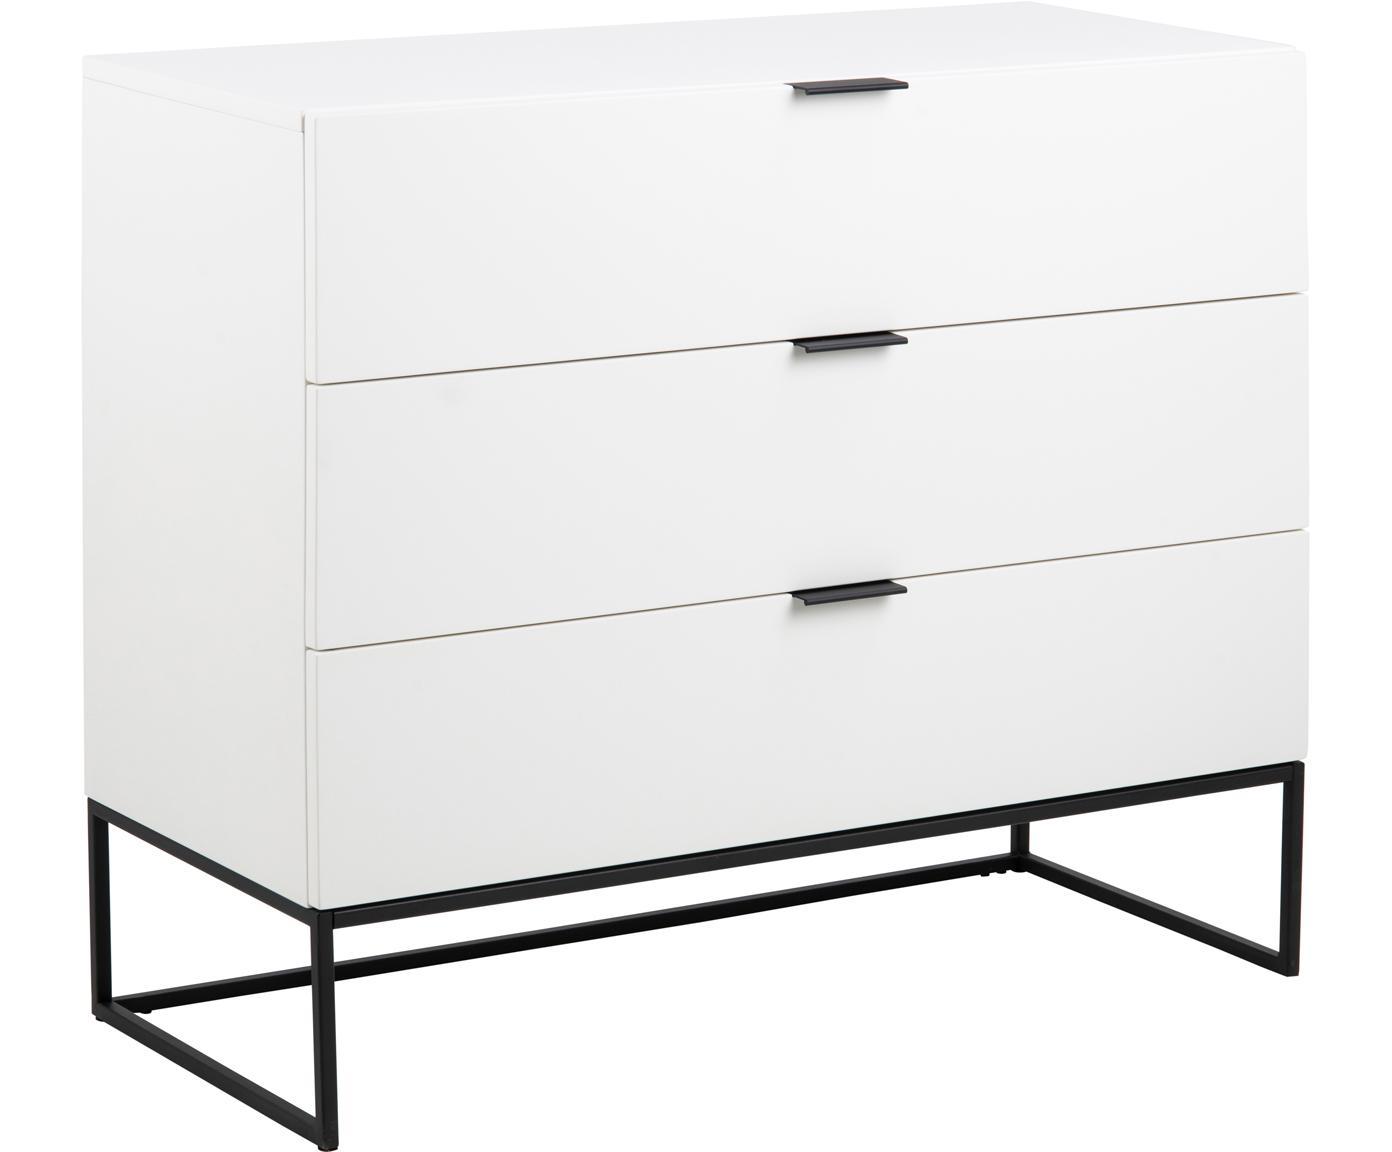 Szafka z szufladami Kobe, Biały, S 100 x W 85 cm